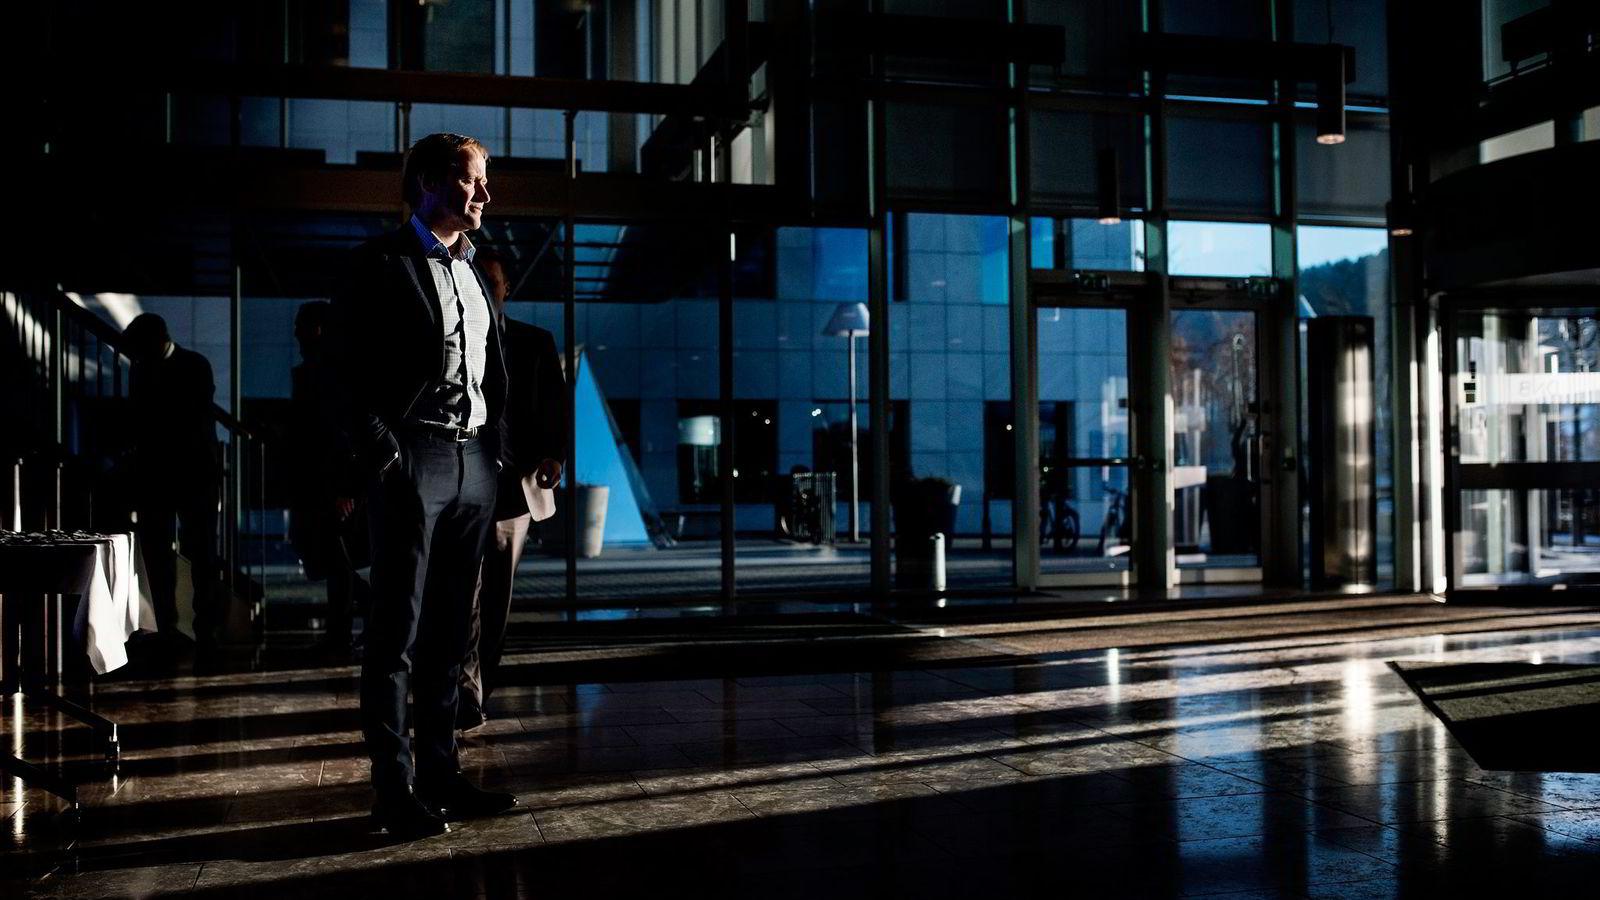 Banker, revisorer og andre er pålagt en stor innsats mot hvitvasking, men statens svikter i oppfølgingen, mener Roar Østby, konserndirektør i DNB.